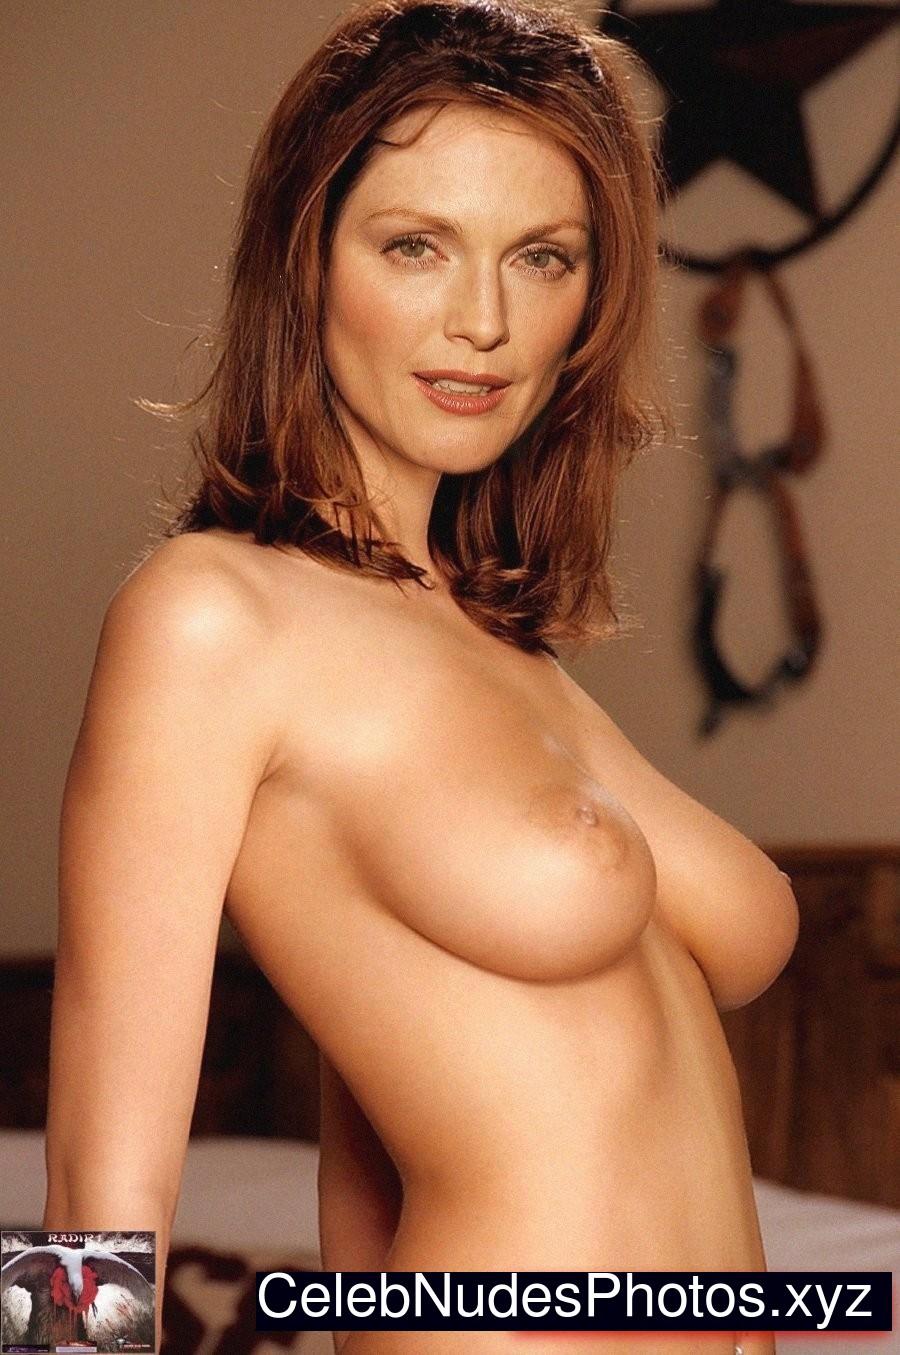 julianne moore hot nude